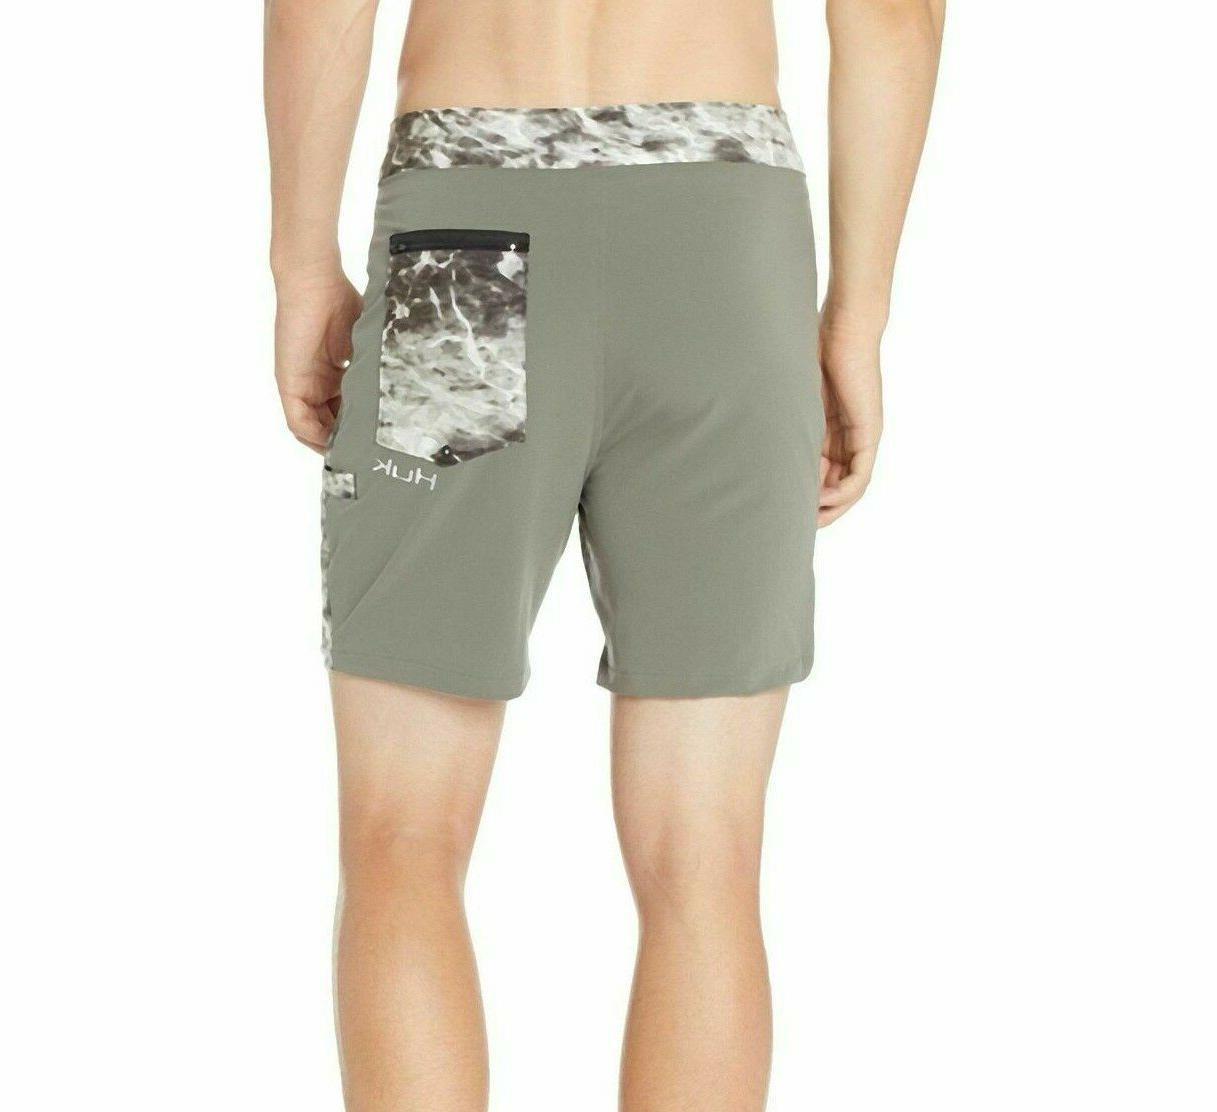 NWT HUK Performance Elements Swim Size Olive Shorts